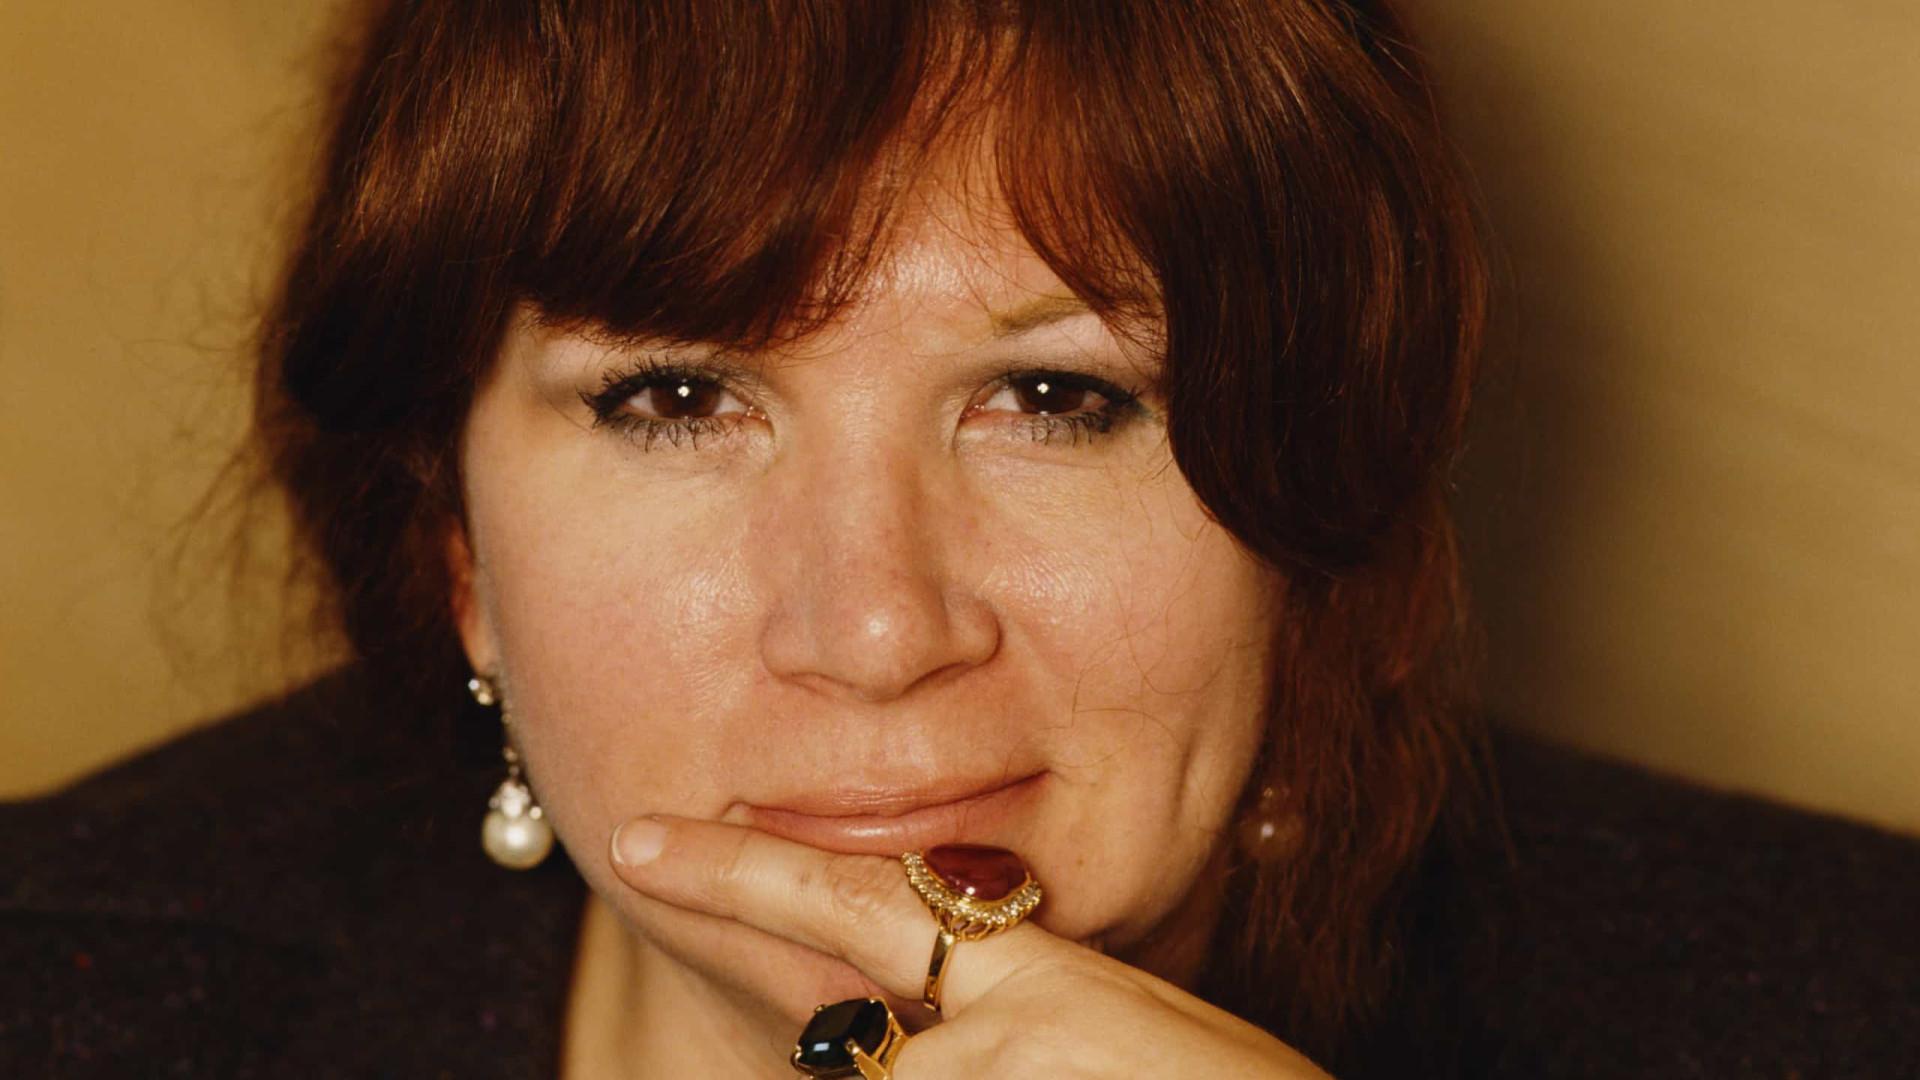 Morre Patricia Kennealy-Morrison, ex-mulher de Jim Morrison